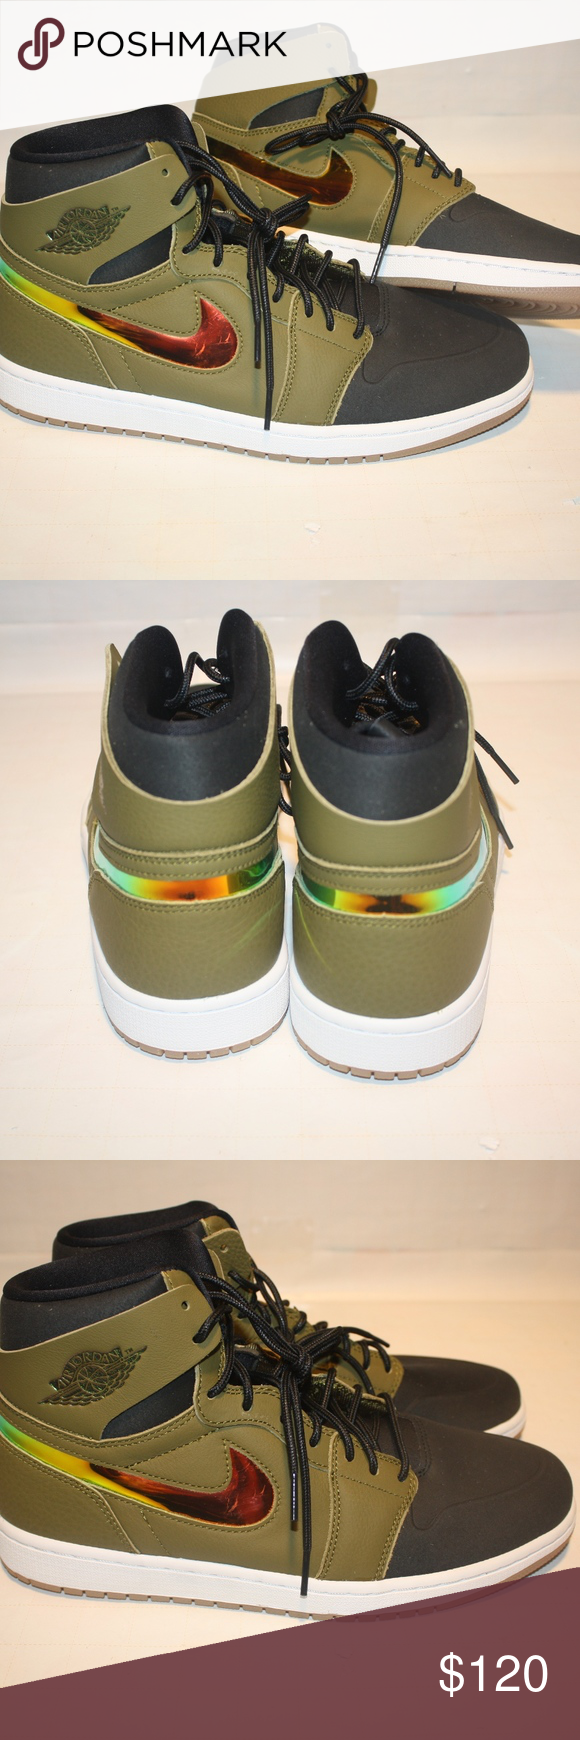 d66bf00b8c3d Nike Air Jordan 1 Retro High819176-306 SZ 10.5 This listing is for Nike Air